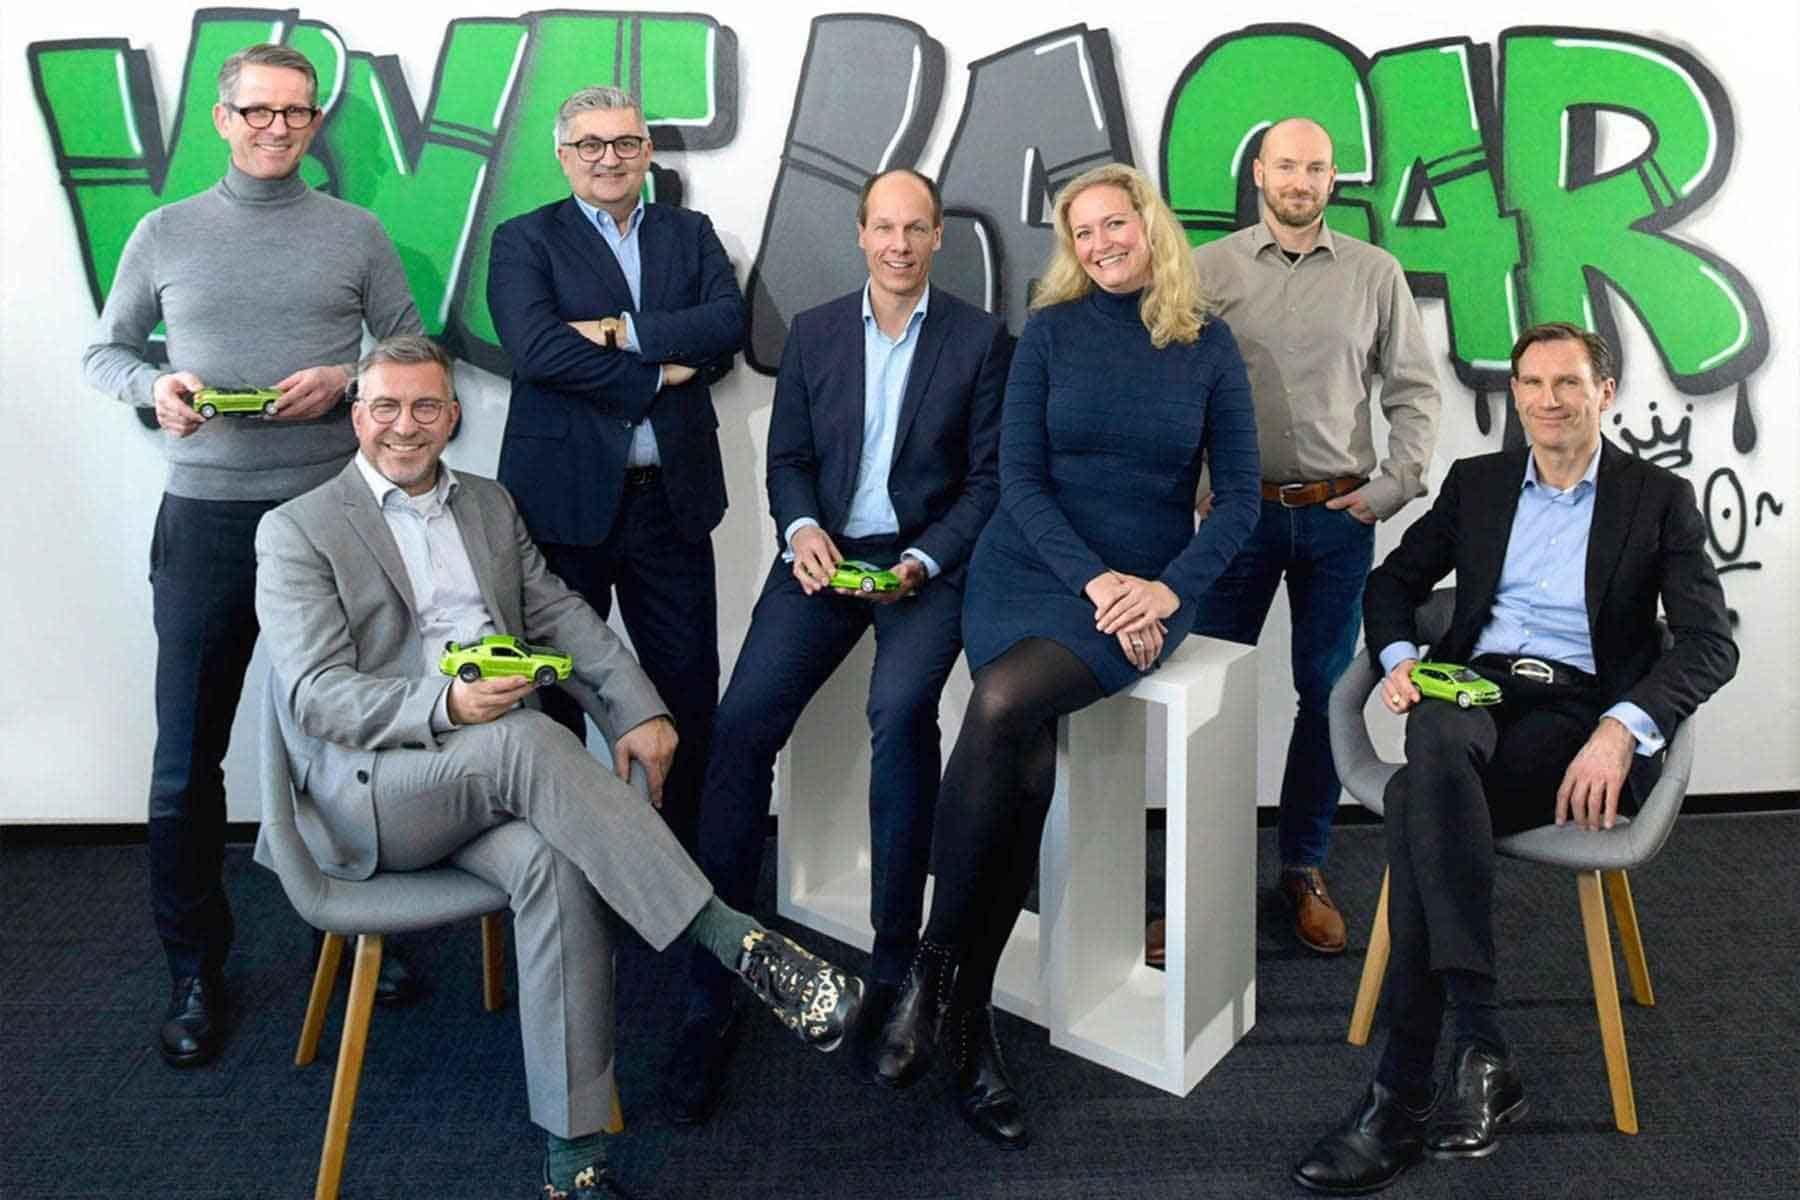 ViveLaCar Team